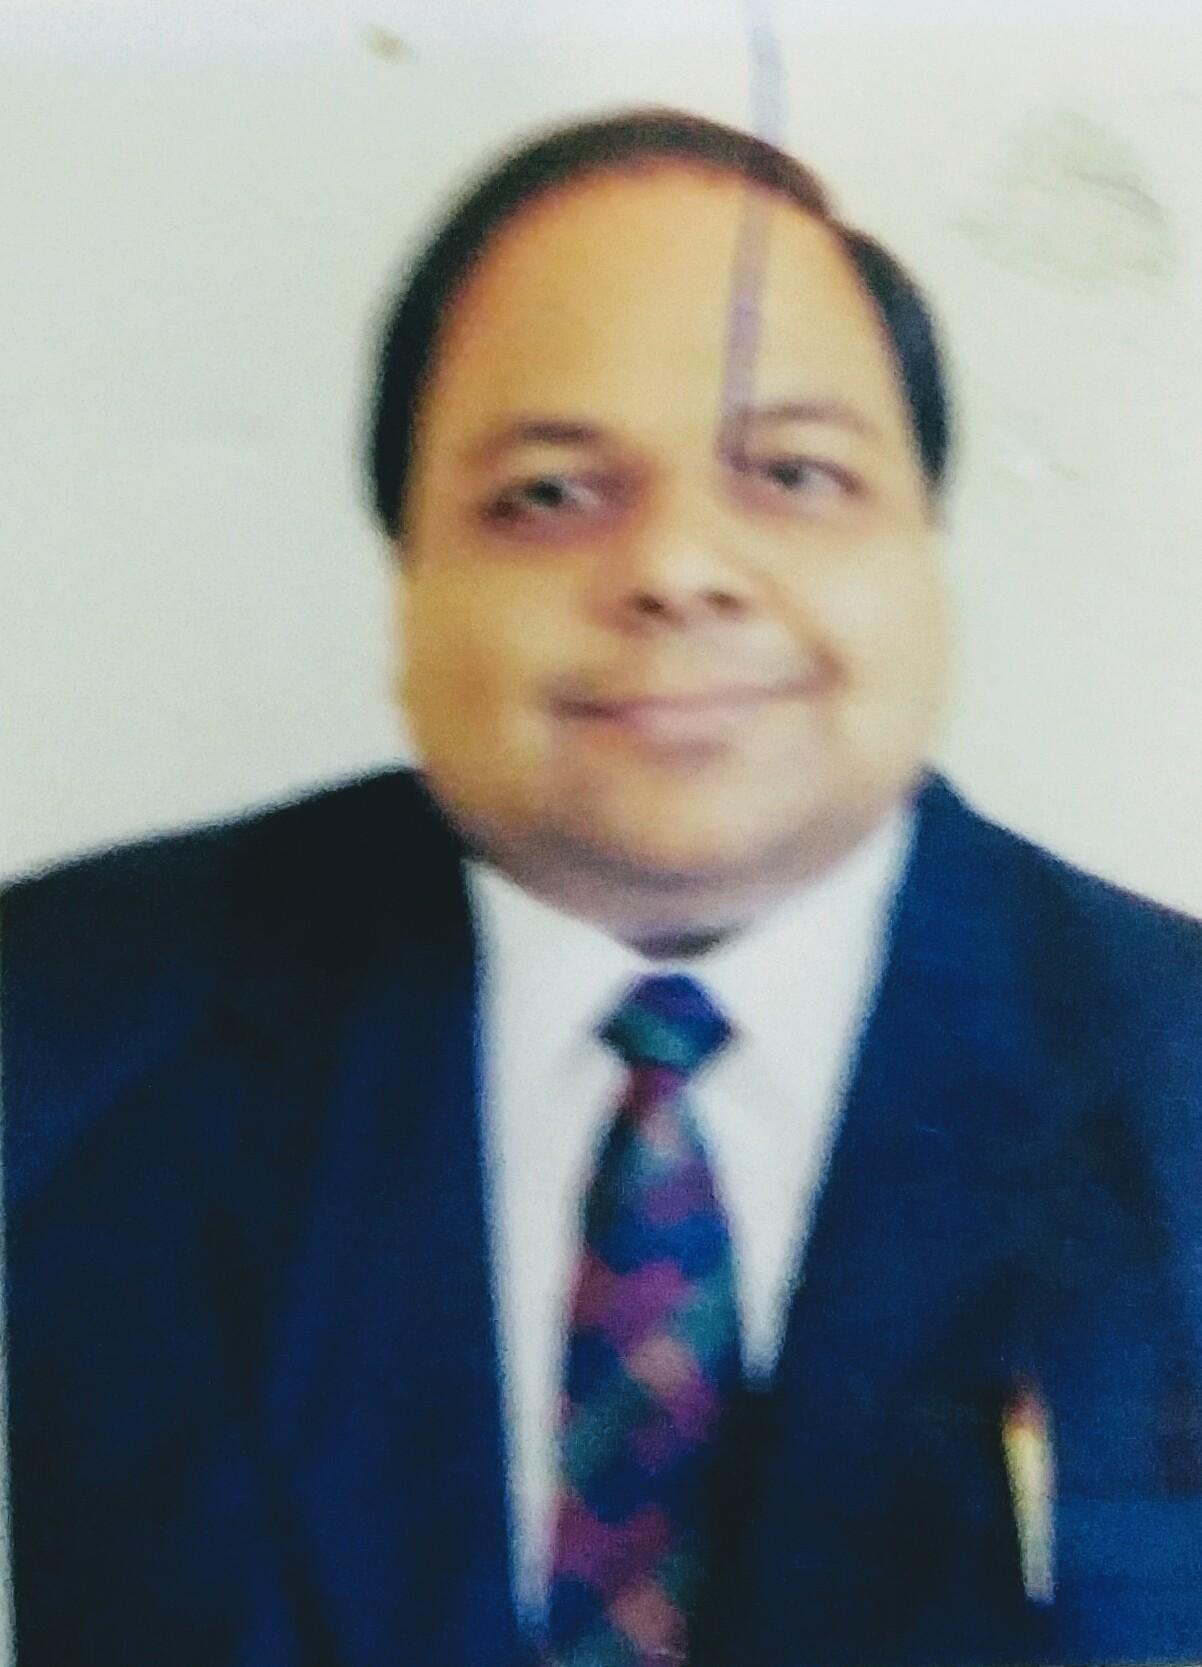 दिनेश कुमार गोयल